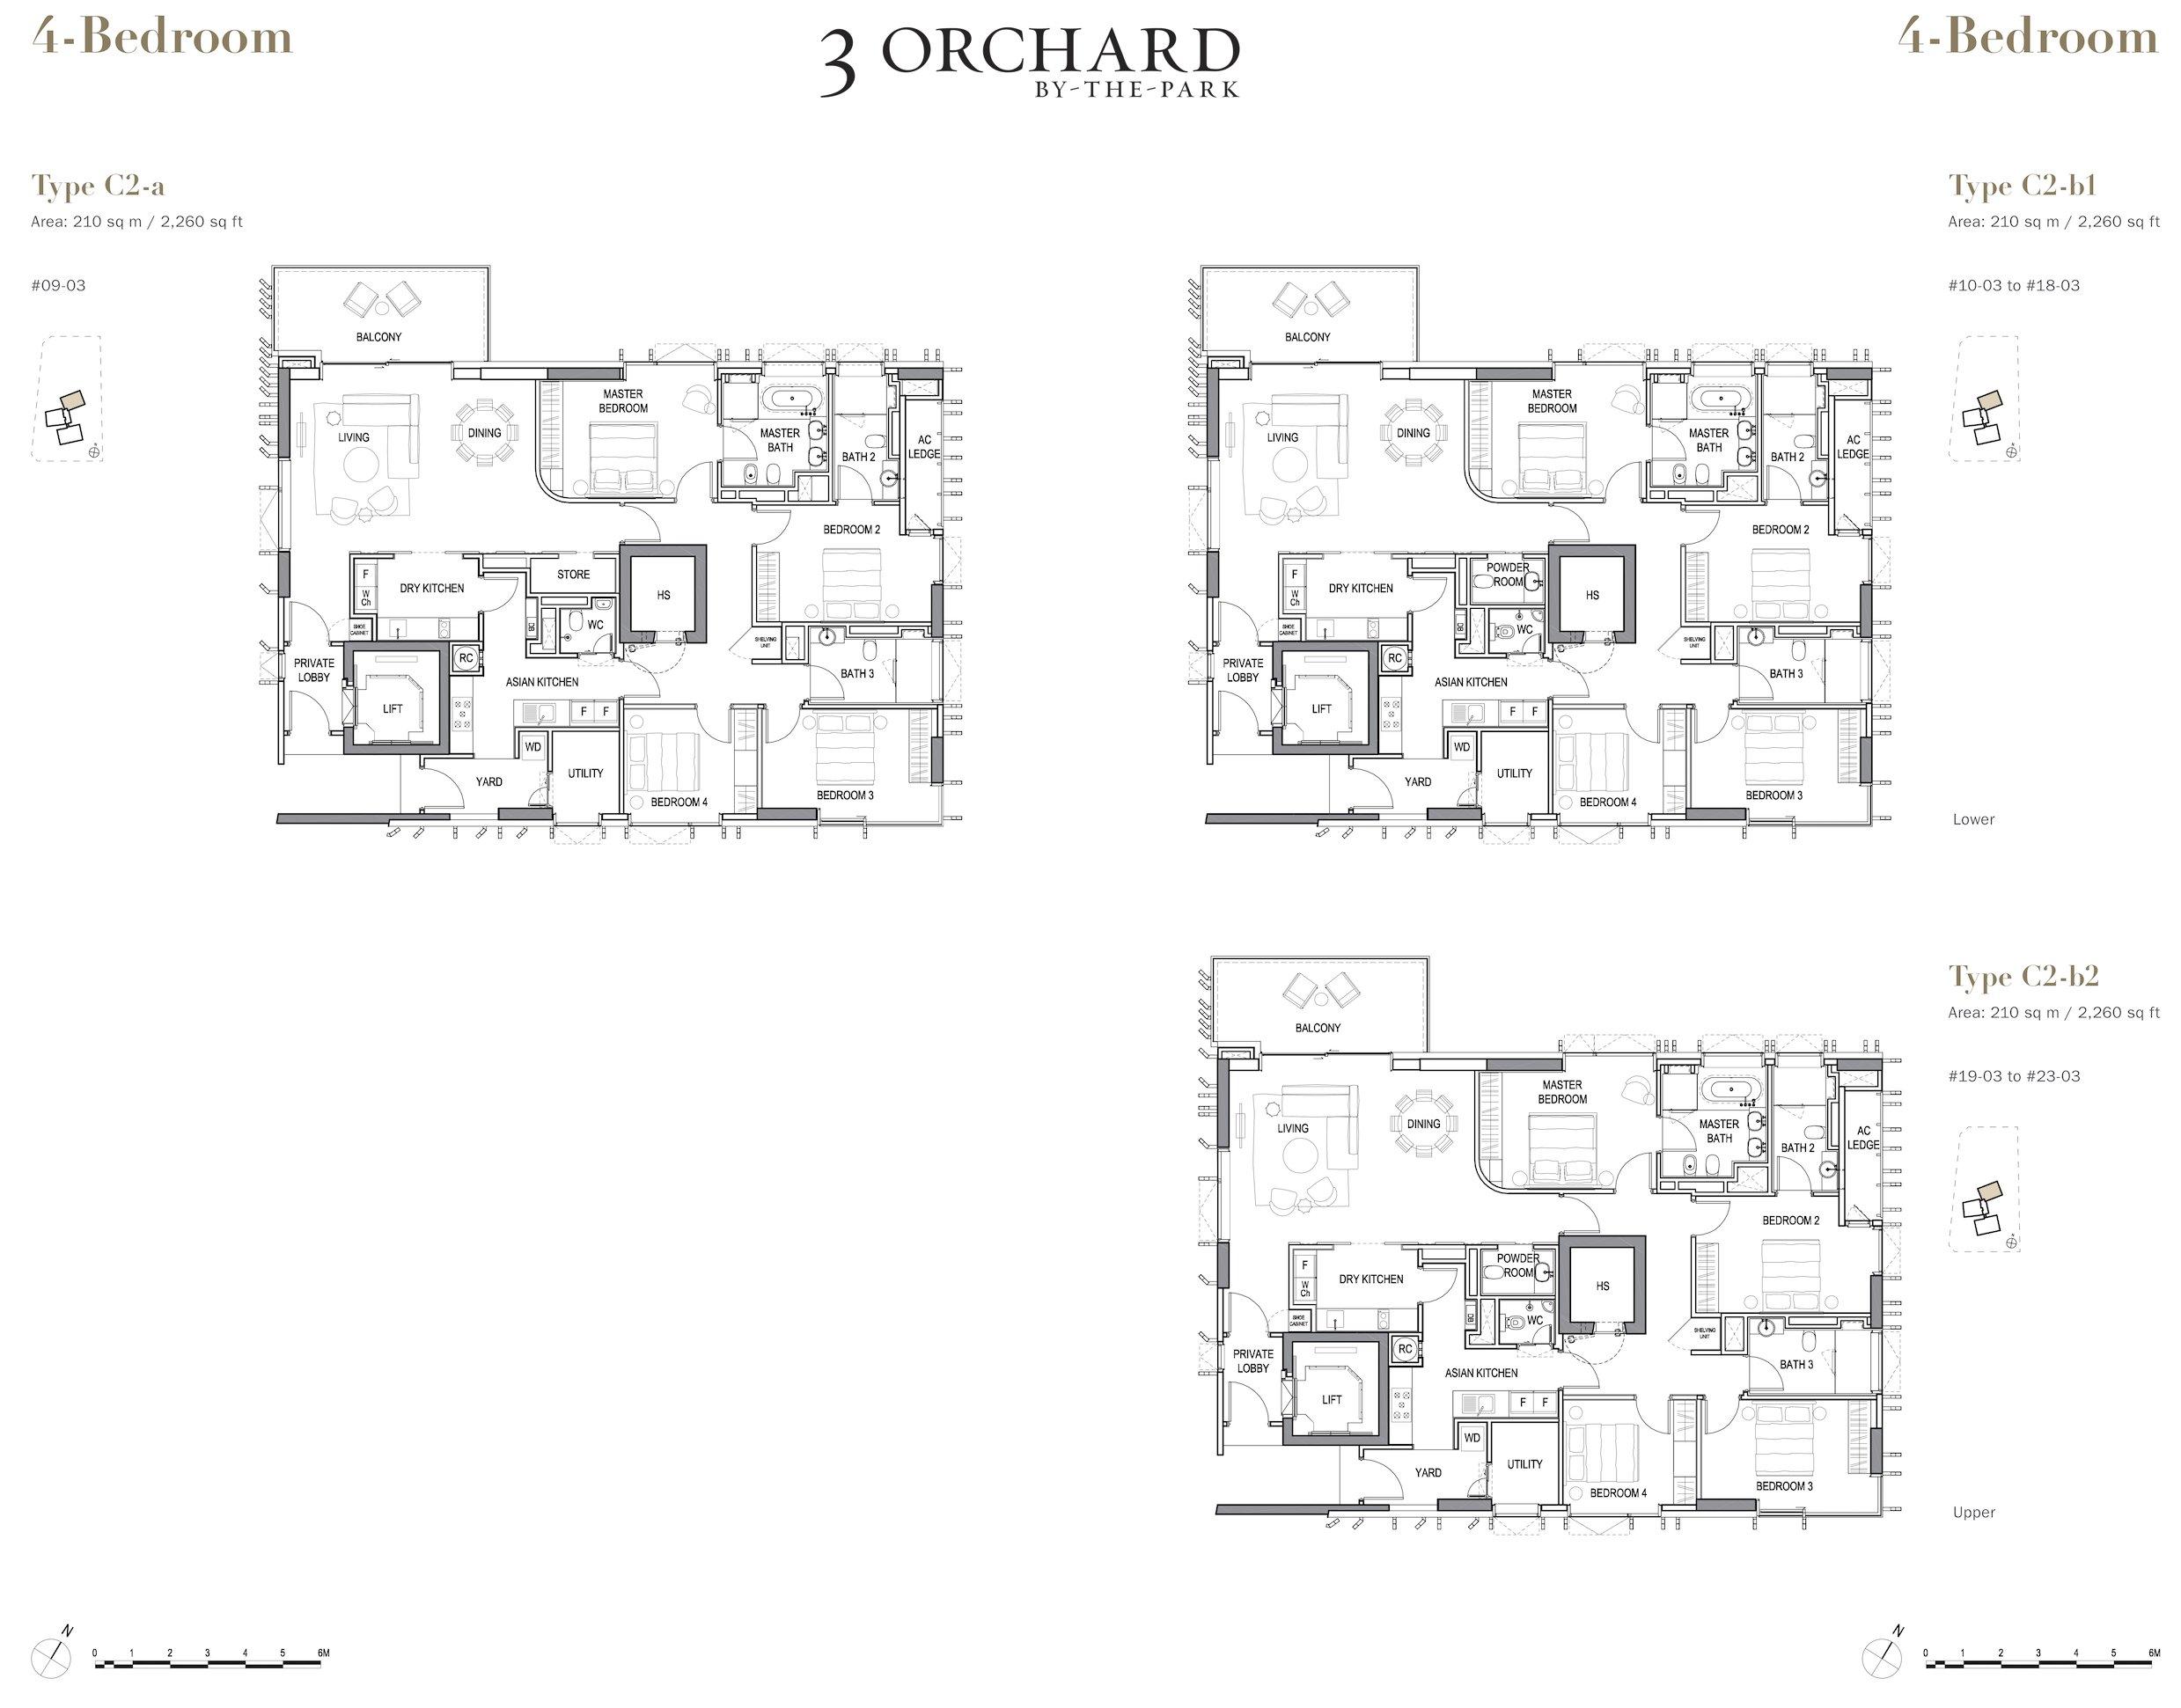 乌节三翠林 3 Orchard By The Park 4 bedroom wood